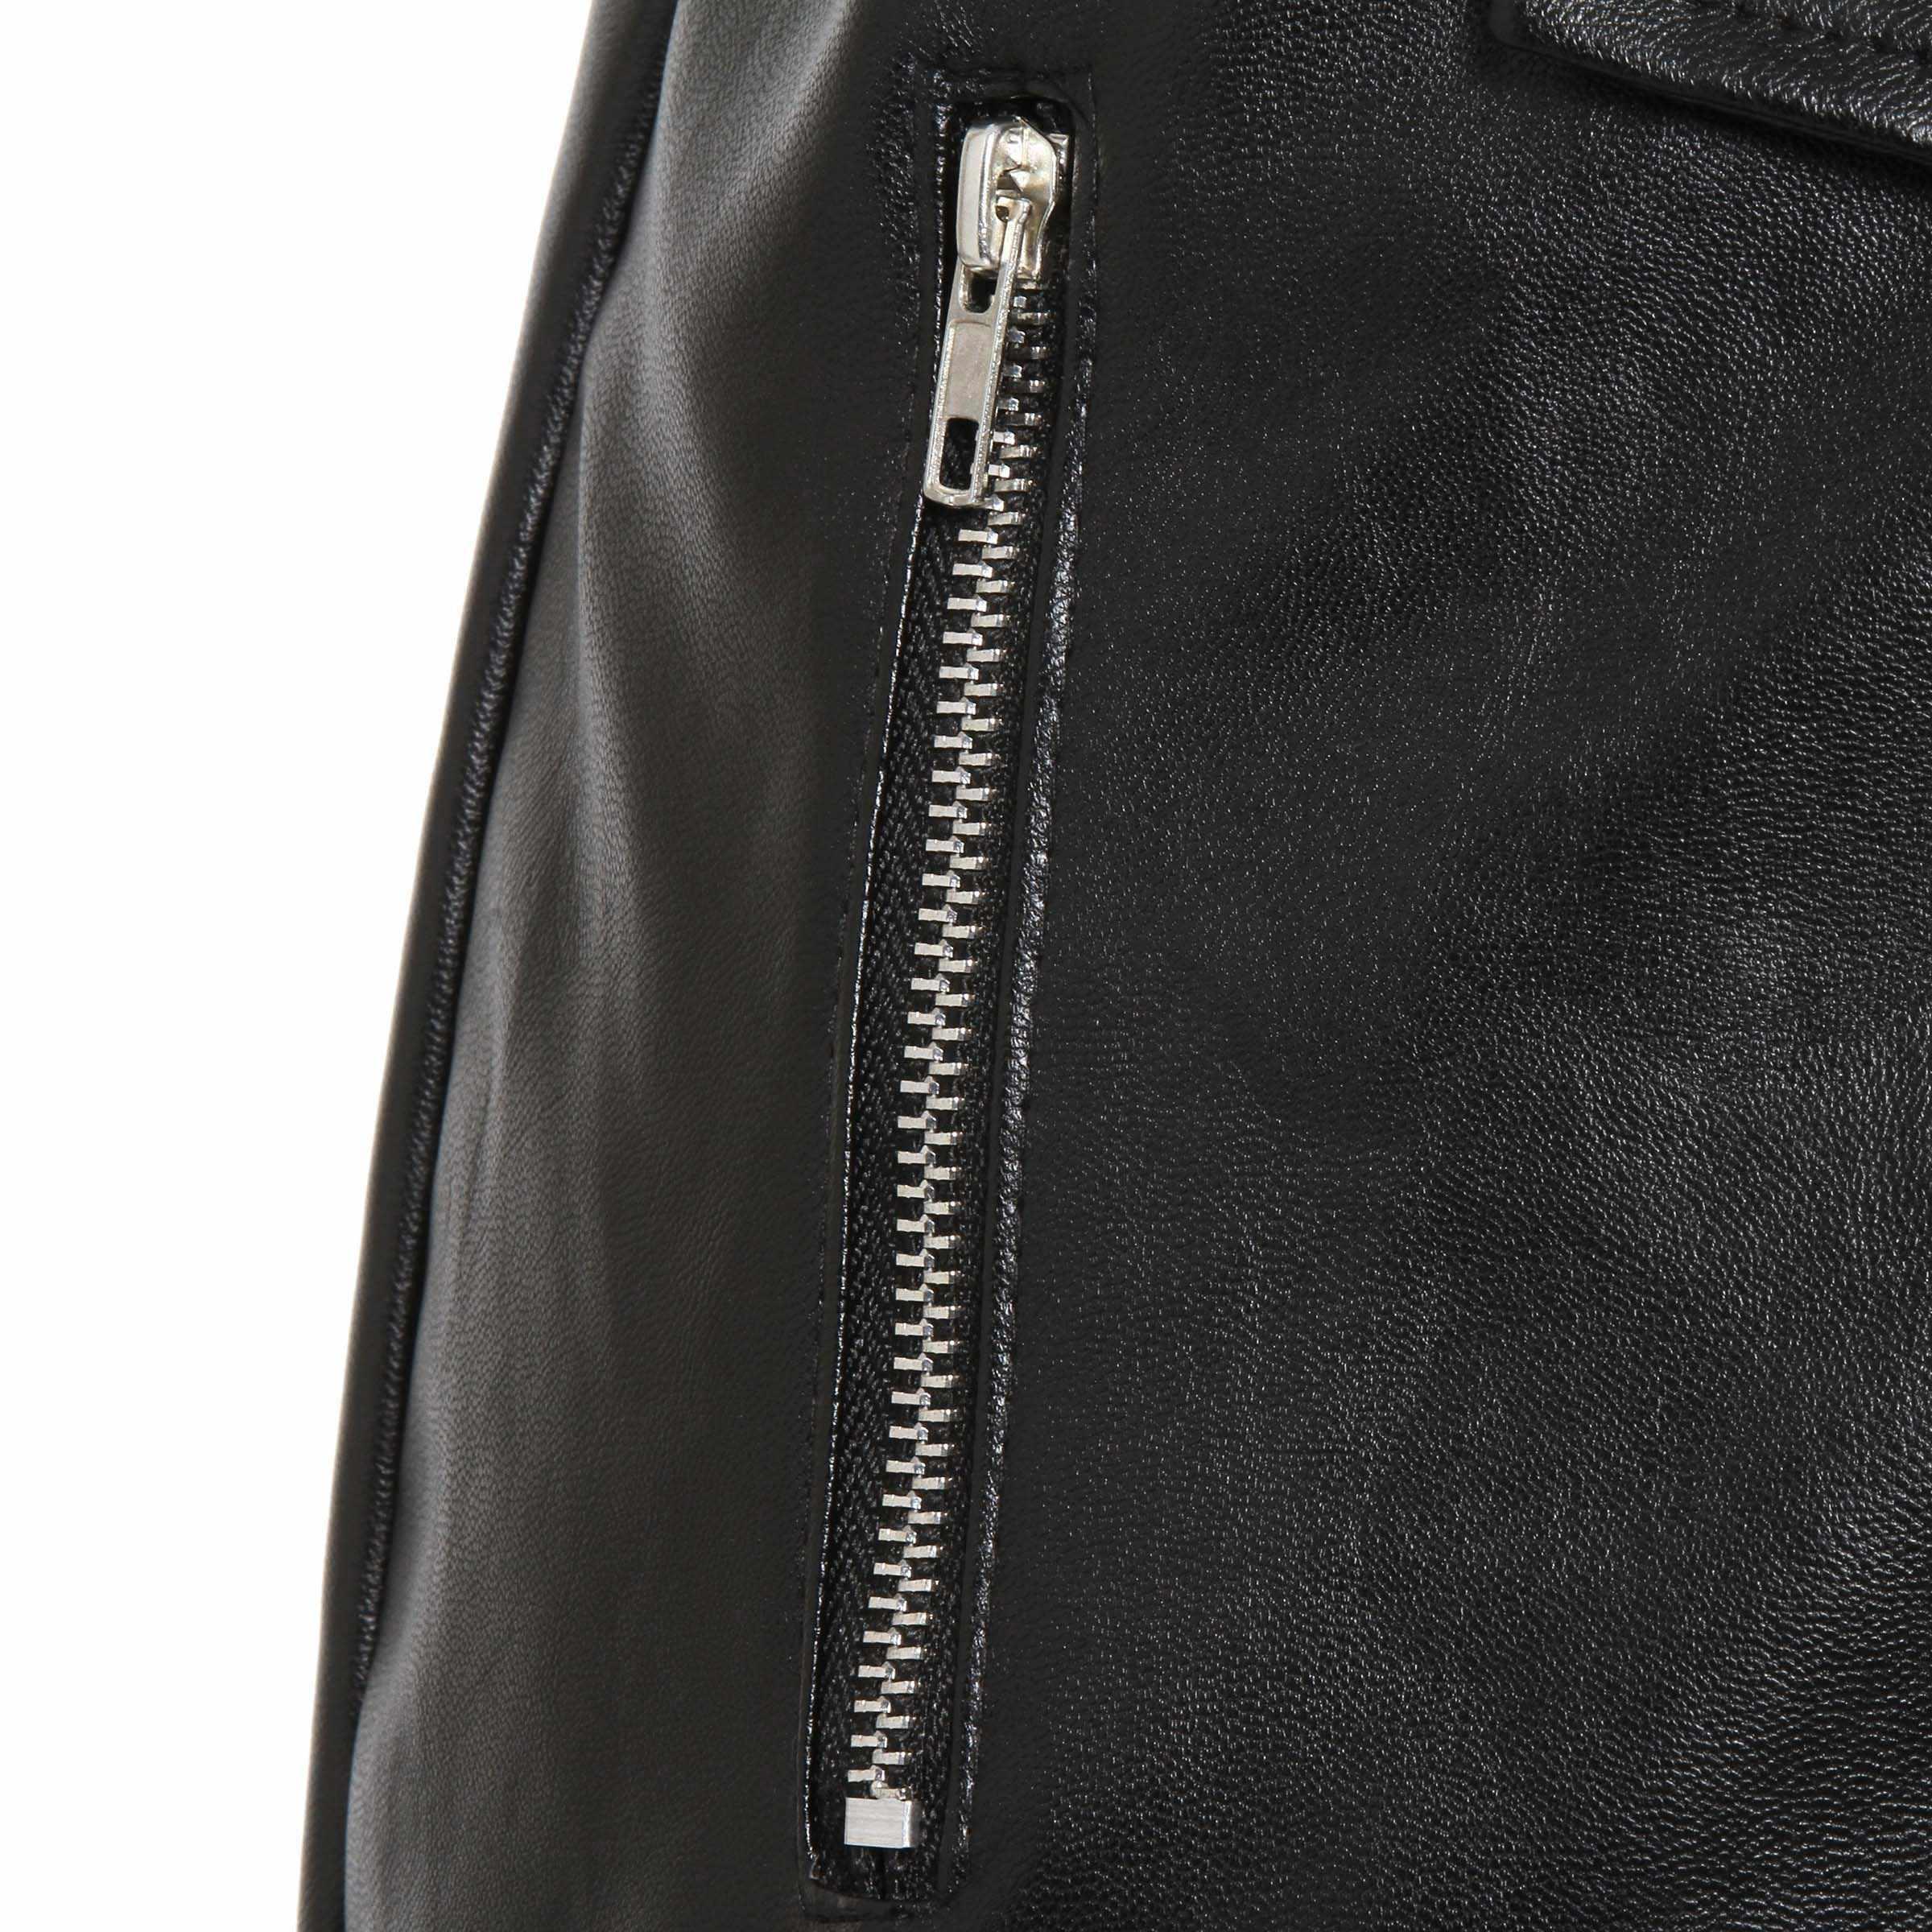 Искусственная кожа Готический Черный Короткие Bodycon платье Для женщин Регулируемая чулок пряжки ремня сарафан уличная Дата мотоциклетные платья